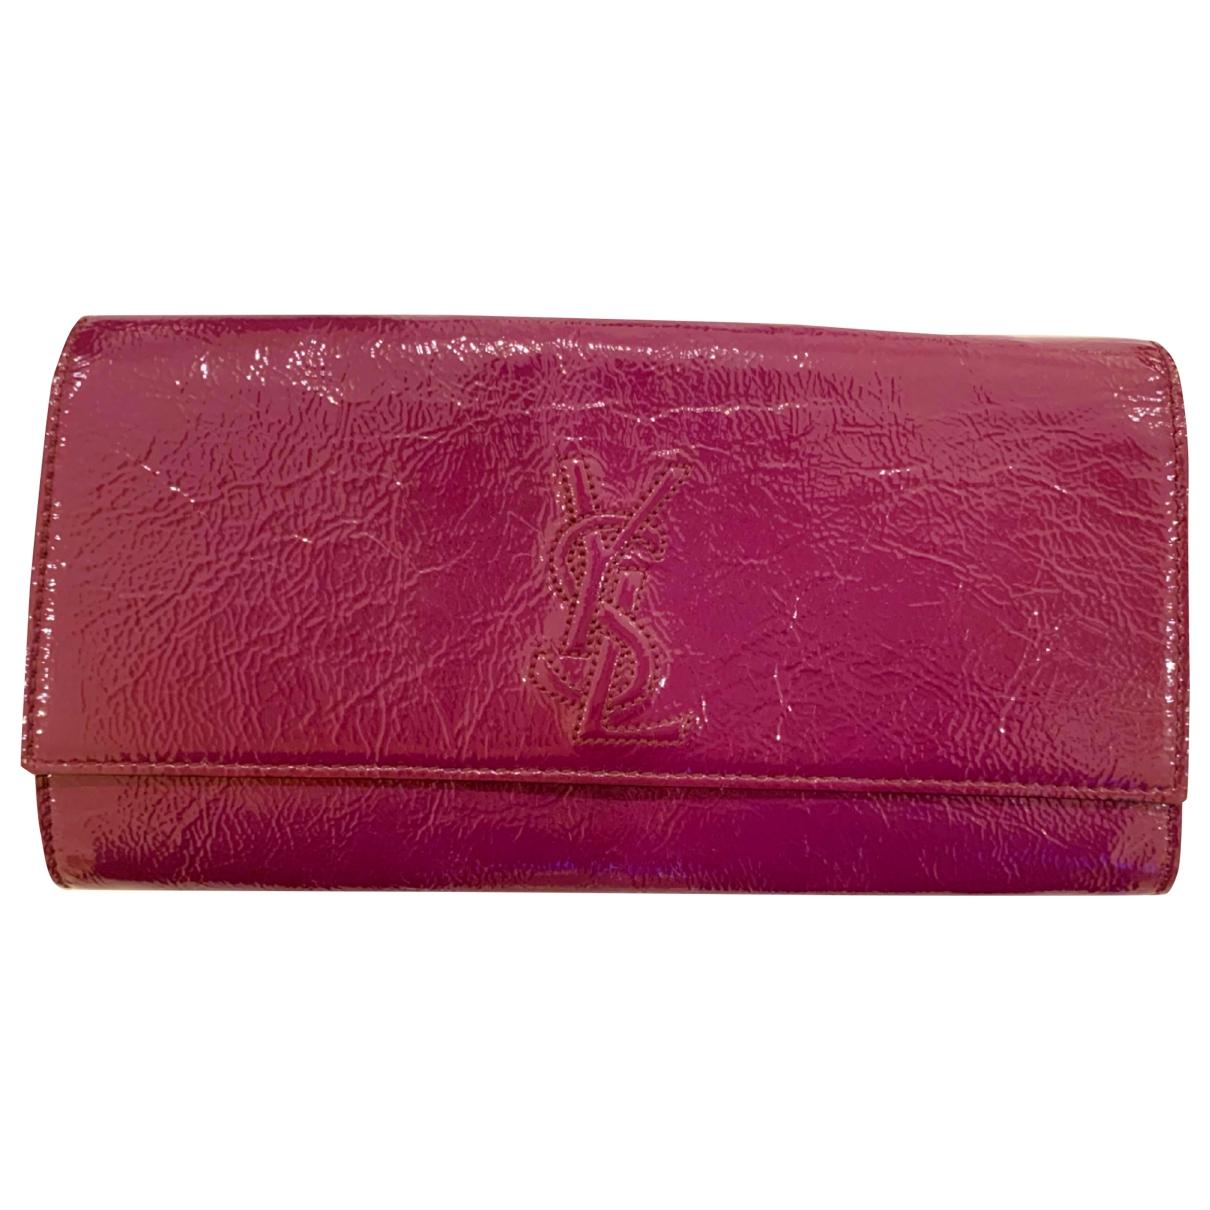 Yves Saint Laurent - Pochette Belle de Jour pour femme en cuir verni - violet